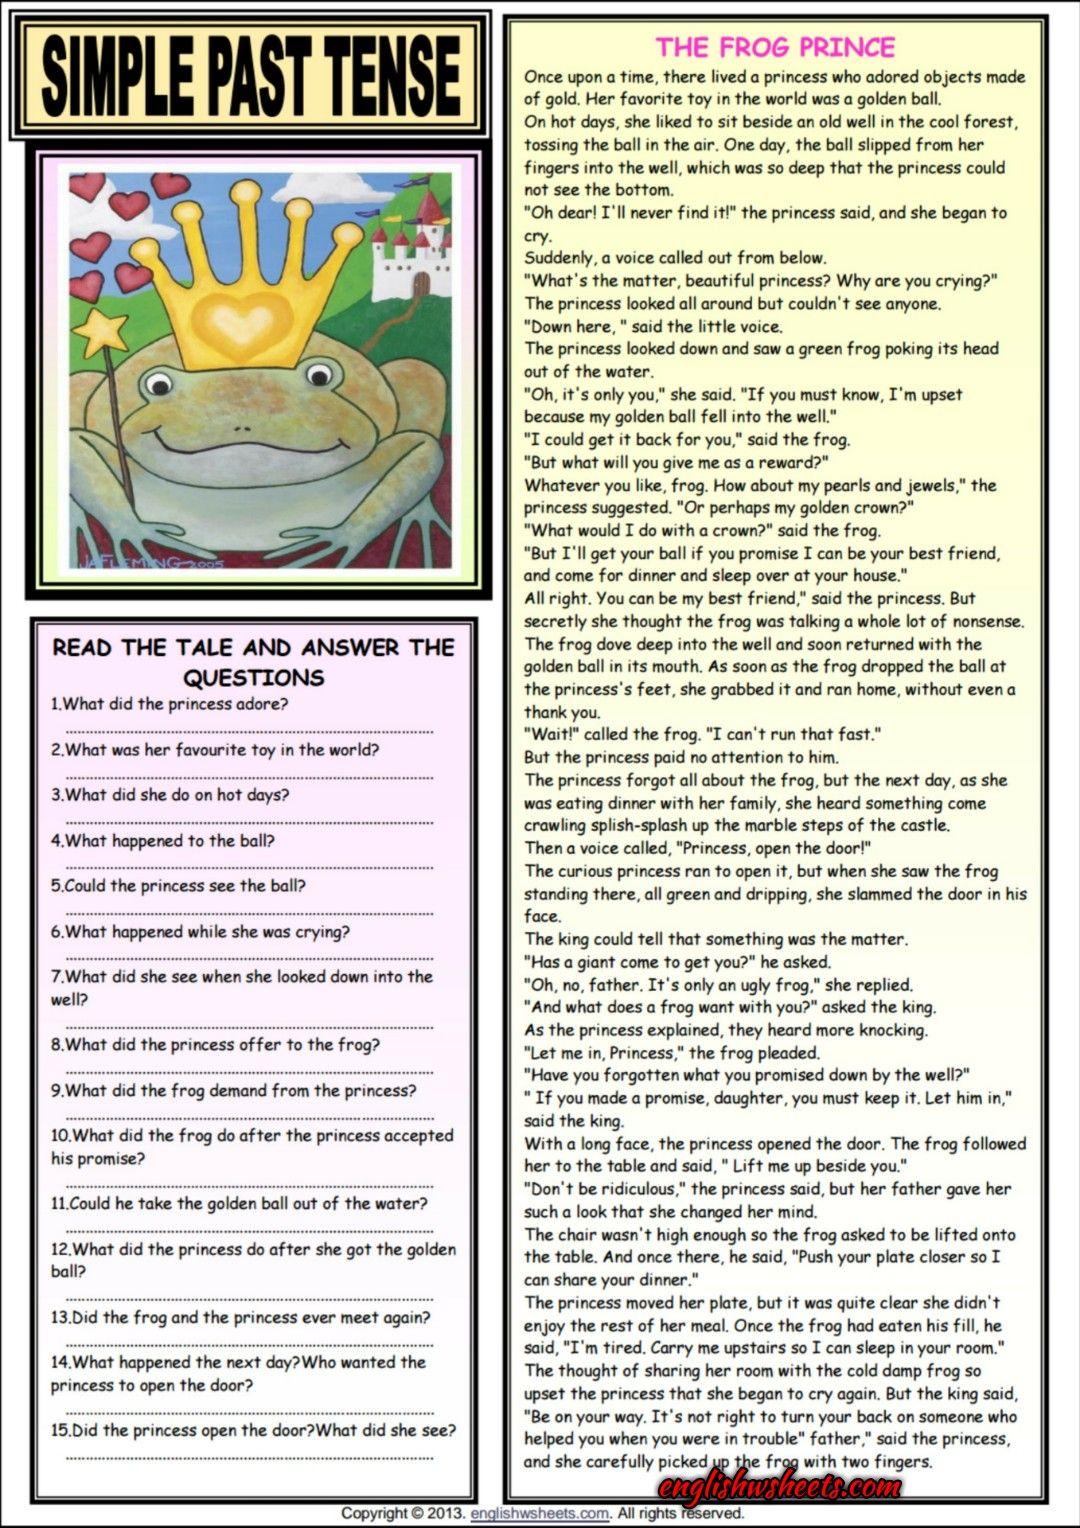 The Frog Prince Comprehension Esl Exercises Worksheet